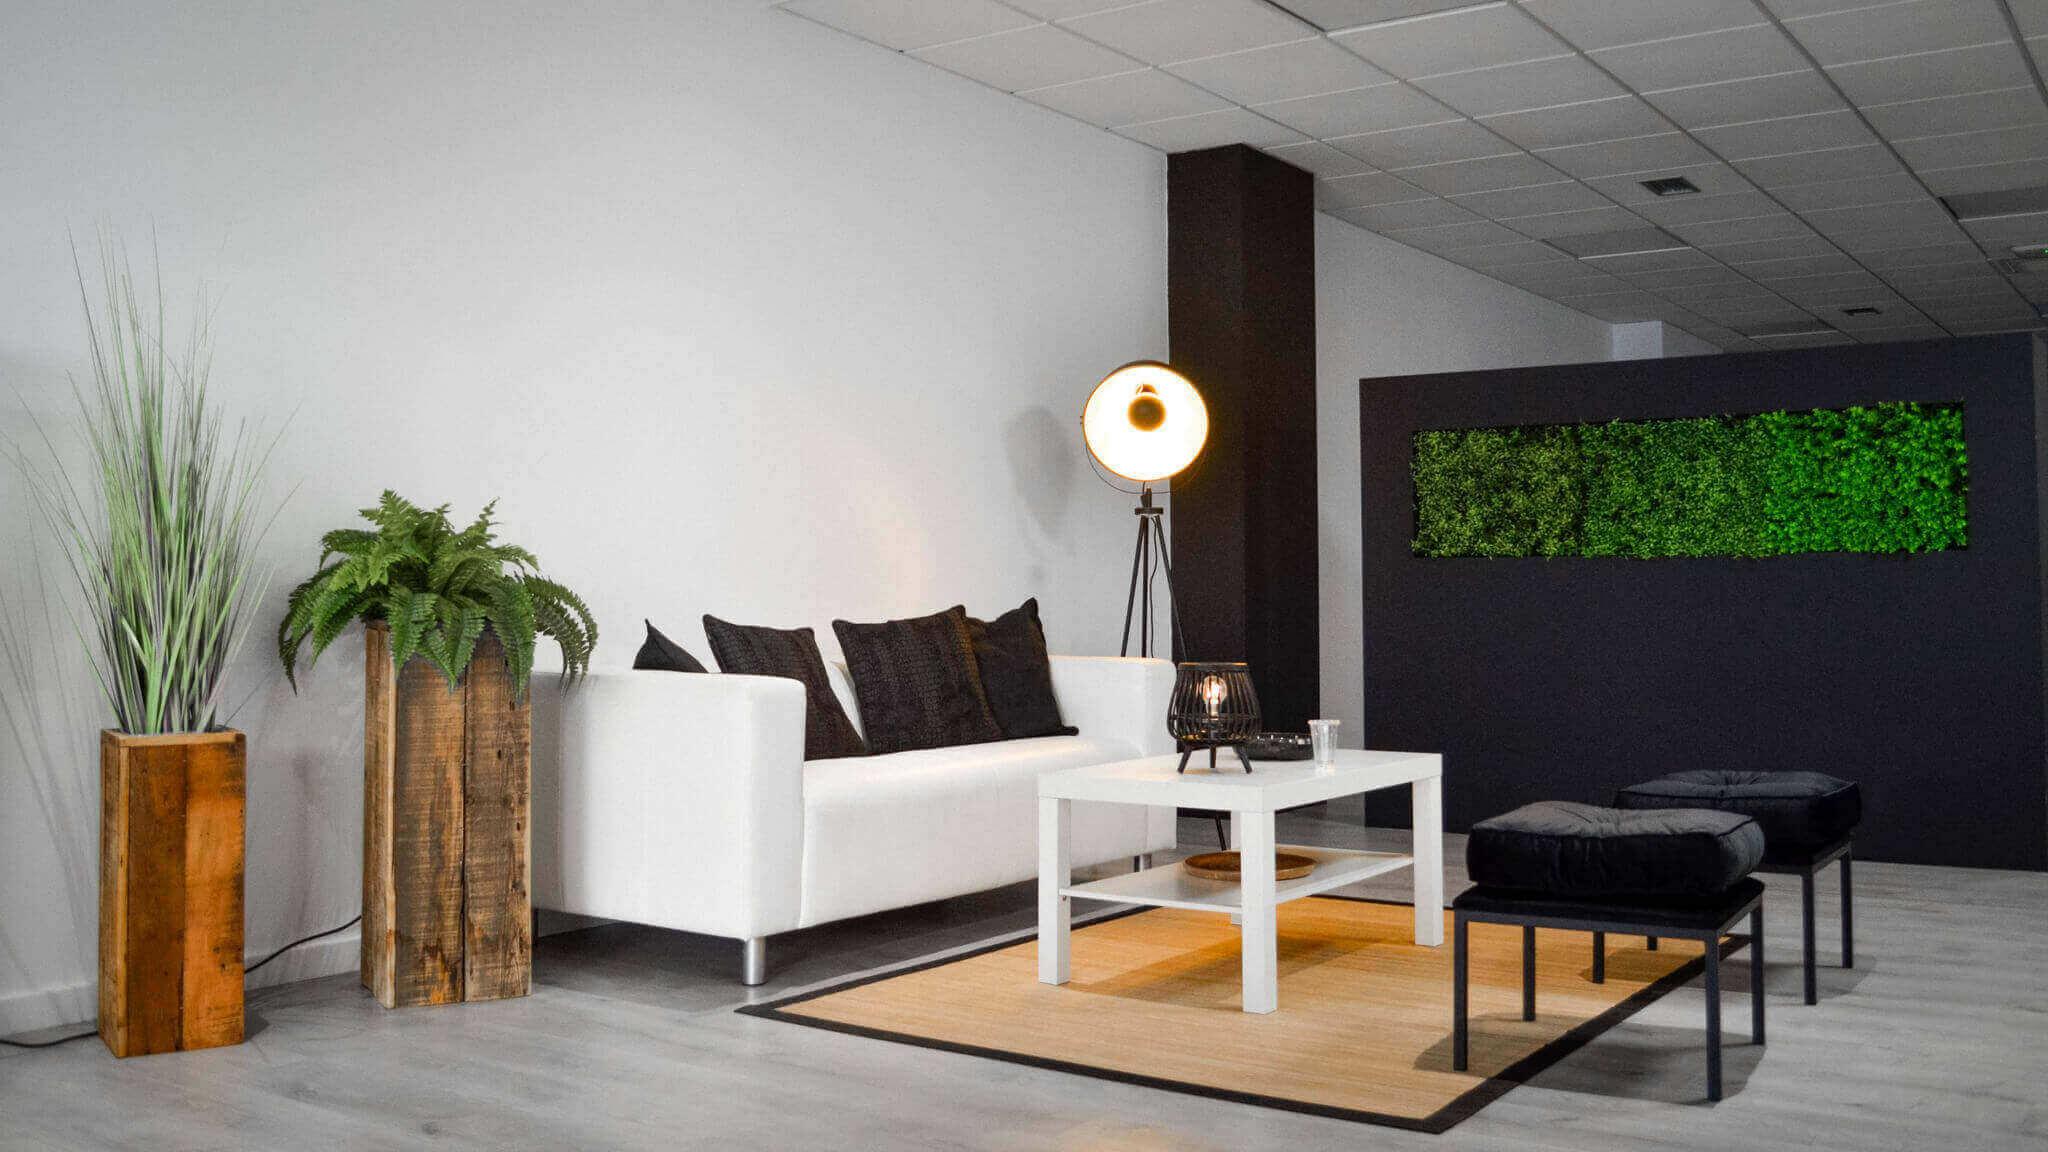 Interior de la oficina de HACK A BOSS en Vigo. En concreto, una zona de descanso con un sofá, sillas y una mesa; además de otros elementos decorativos como plantas y lámparas.